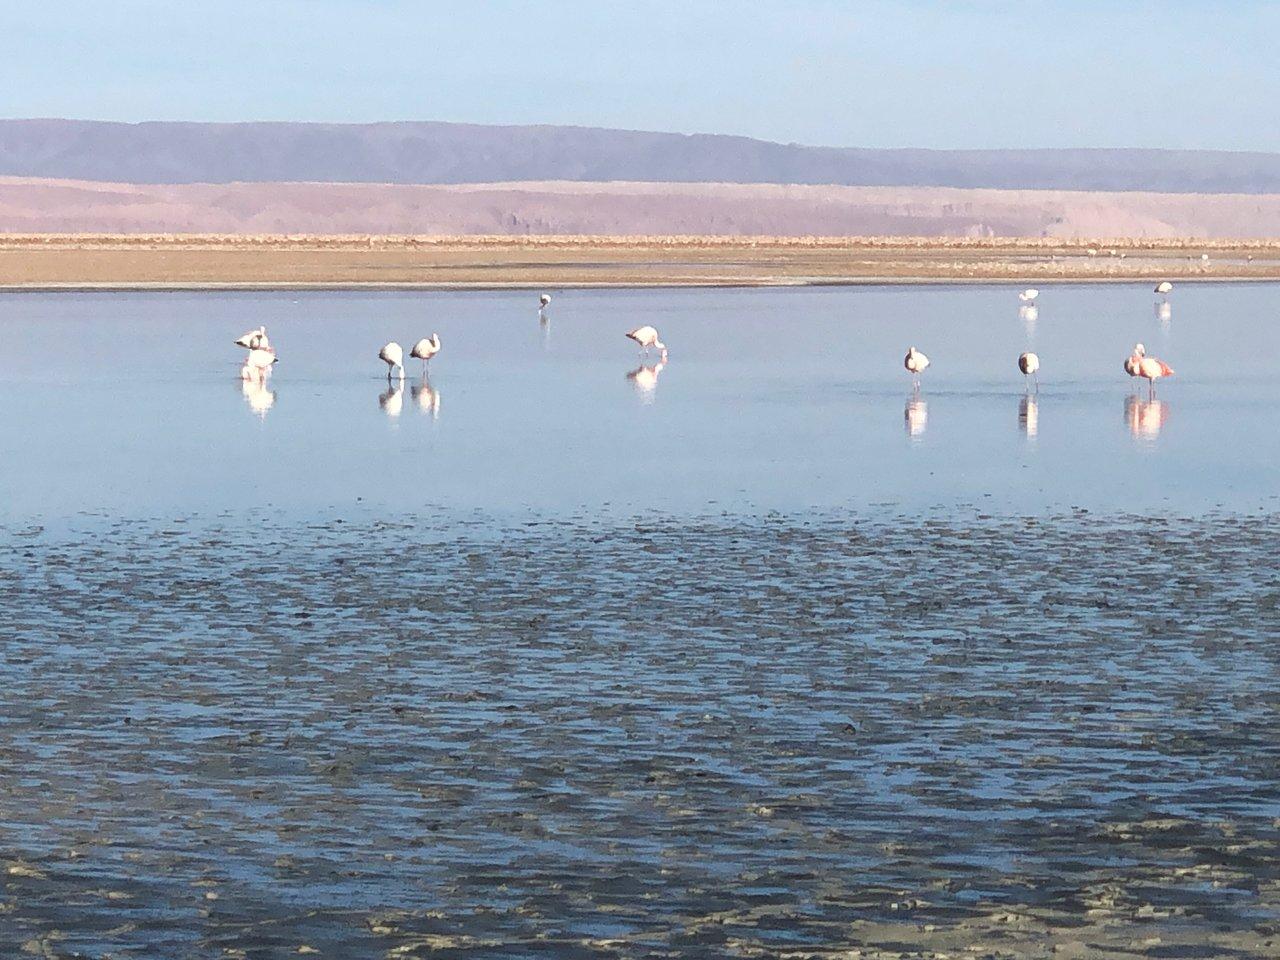 Flamingos at Salar de Atacama  | Photo taken by Melody B